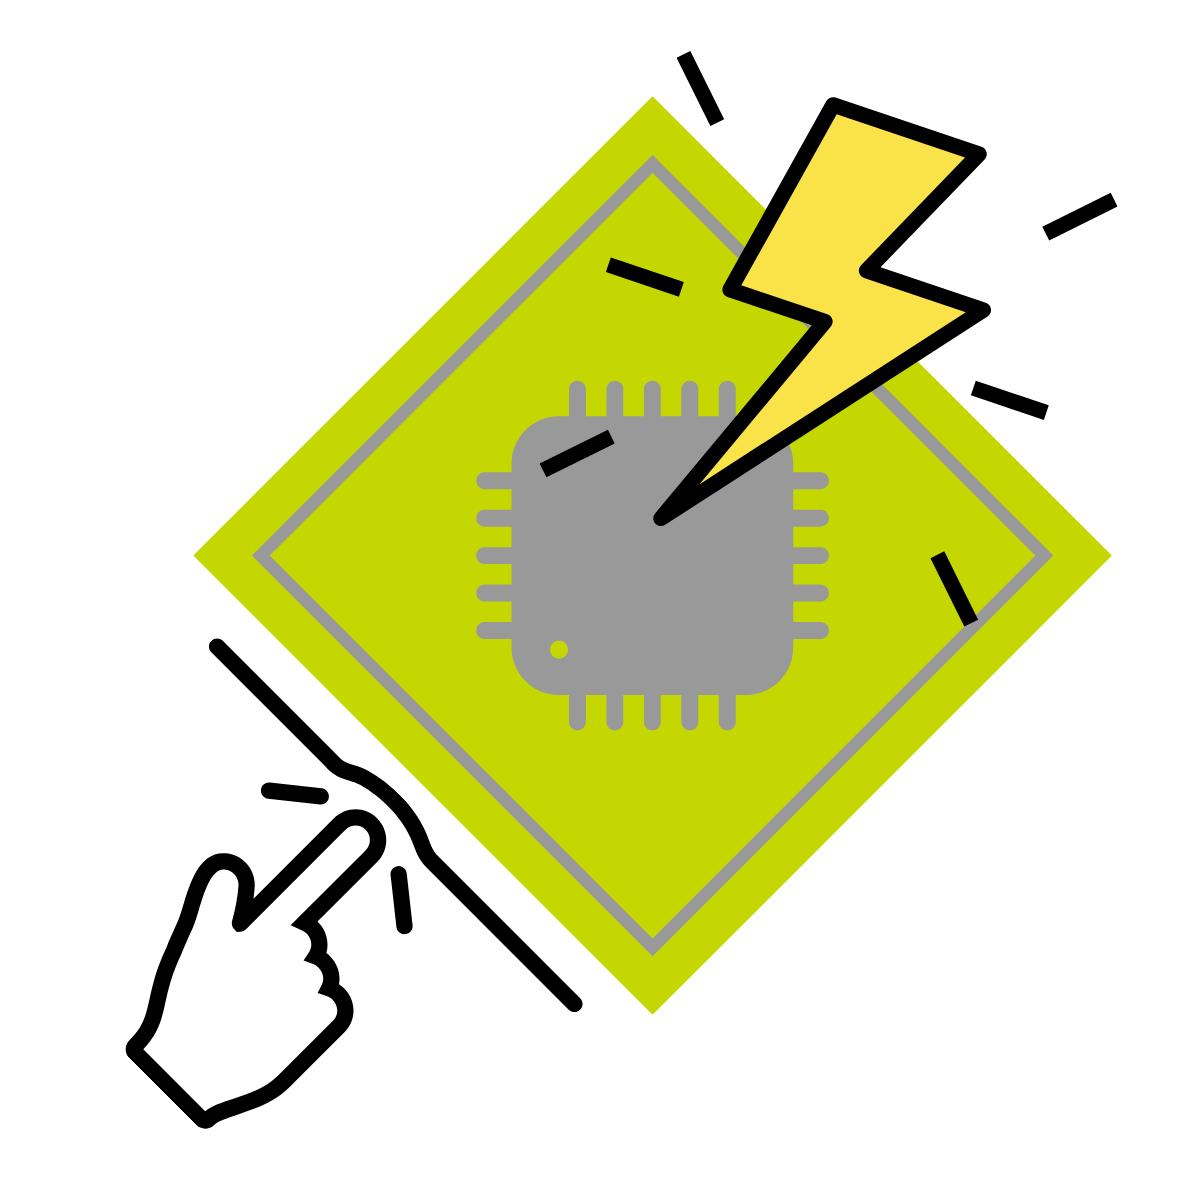 Electrostatic discharge - elektrostatische Entladung